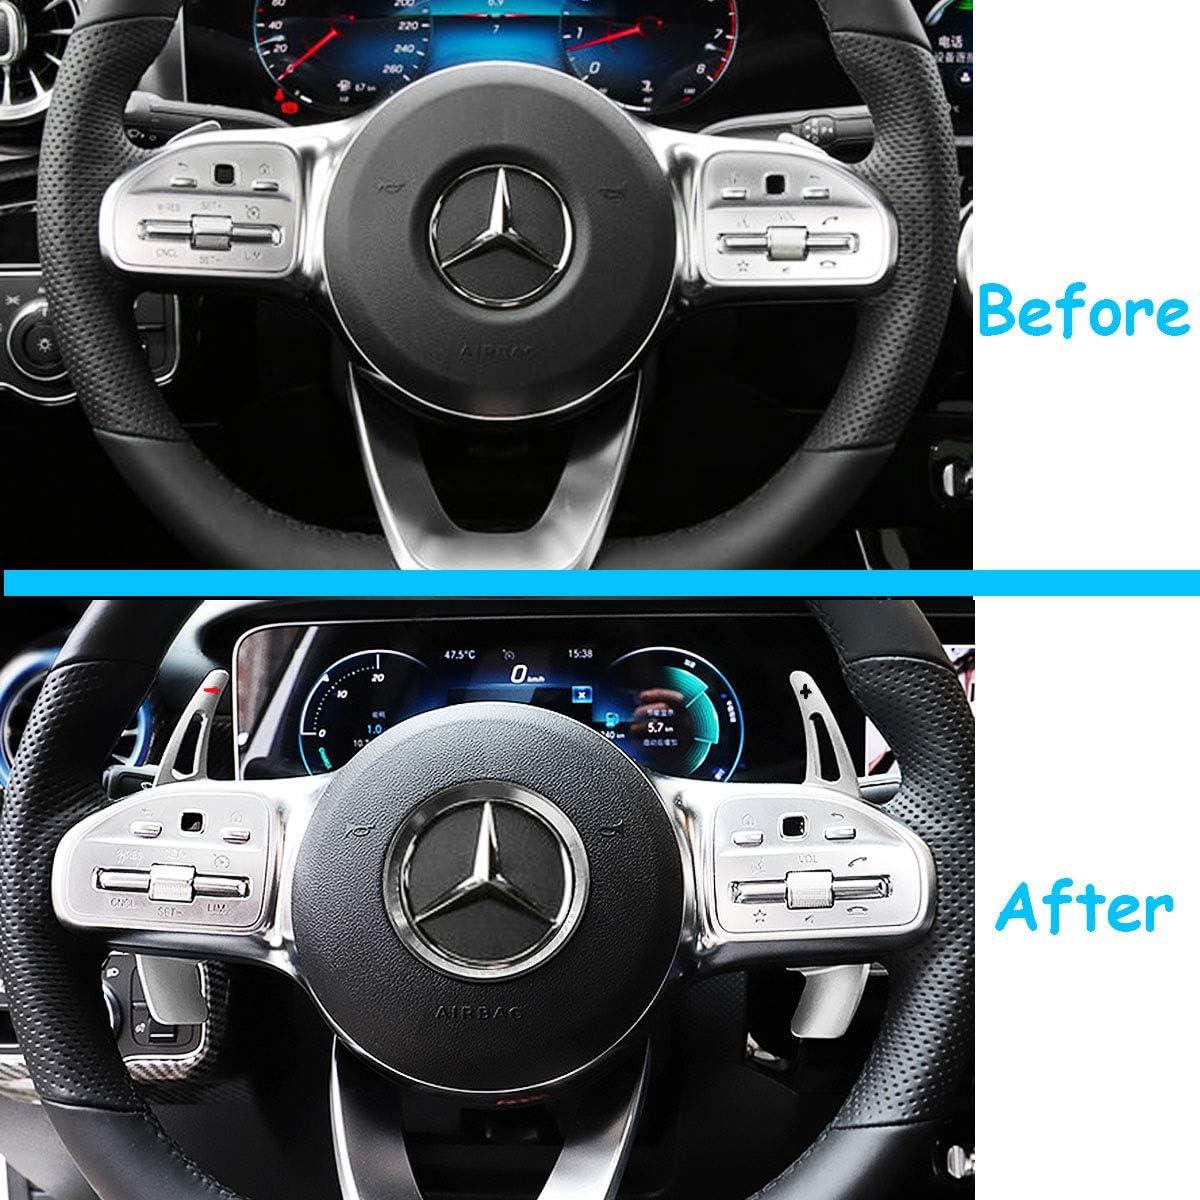 Xigeapg Paddle Shifter Estensione per Mercedes nel Lega di Alluminio Comandi al Volante della Lama dArgento per Un B C CLA CLS e G GL GLA GLC GLE GLS Metris S SL SLC Classe